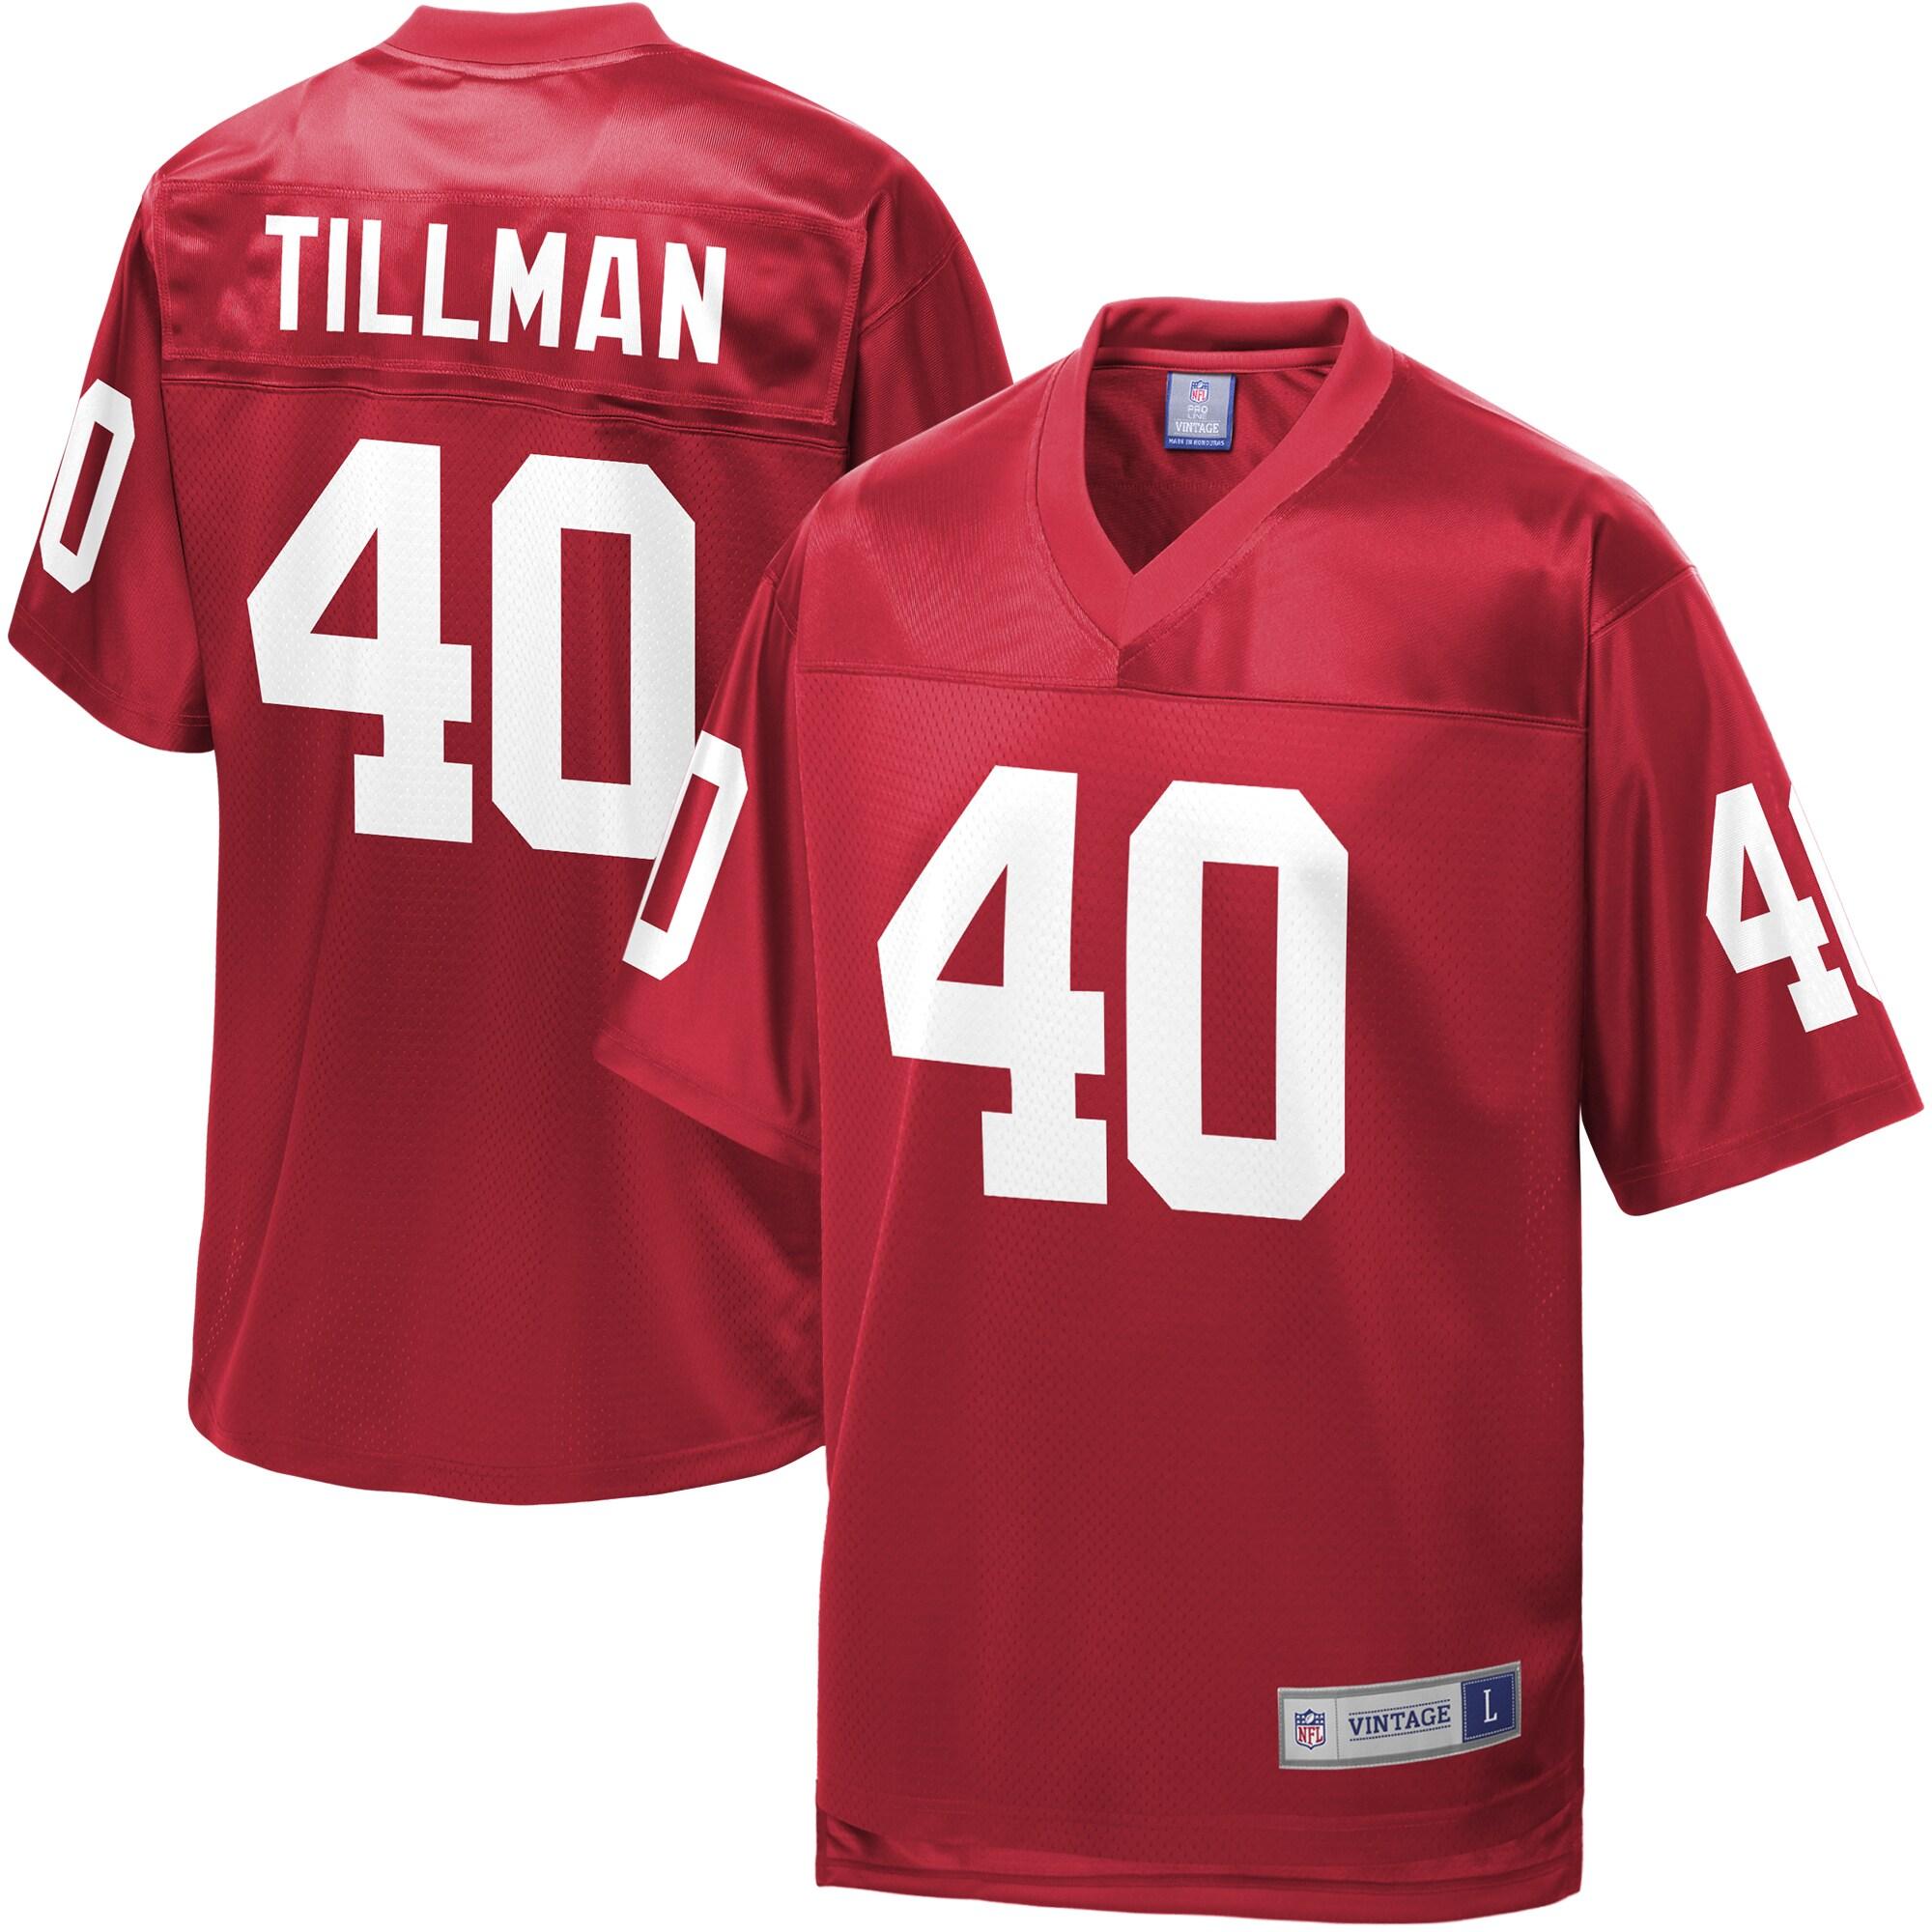 Pat Tillman Arizona Cardinals NFL Pro Line Retired Player Replica Jersey - Cardinal